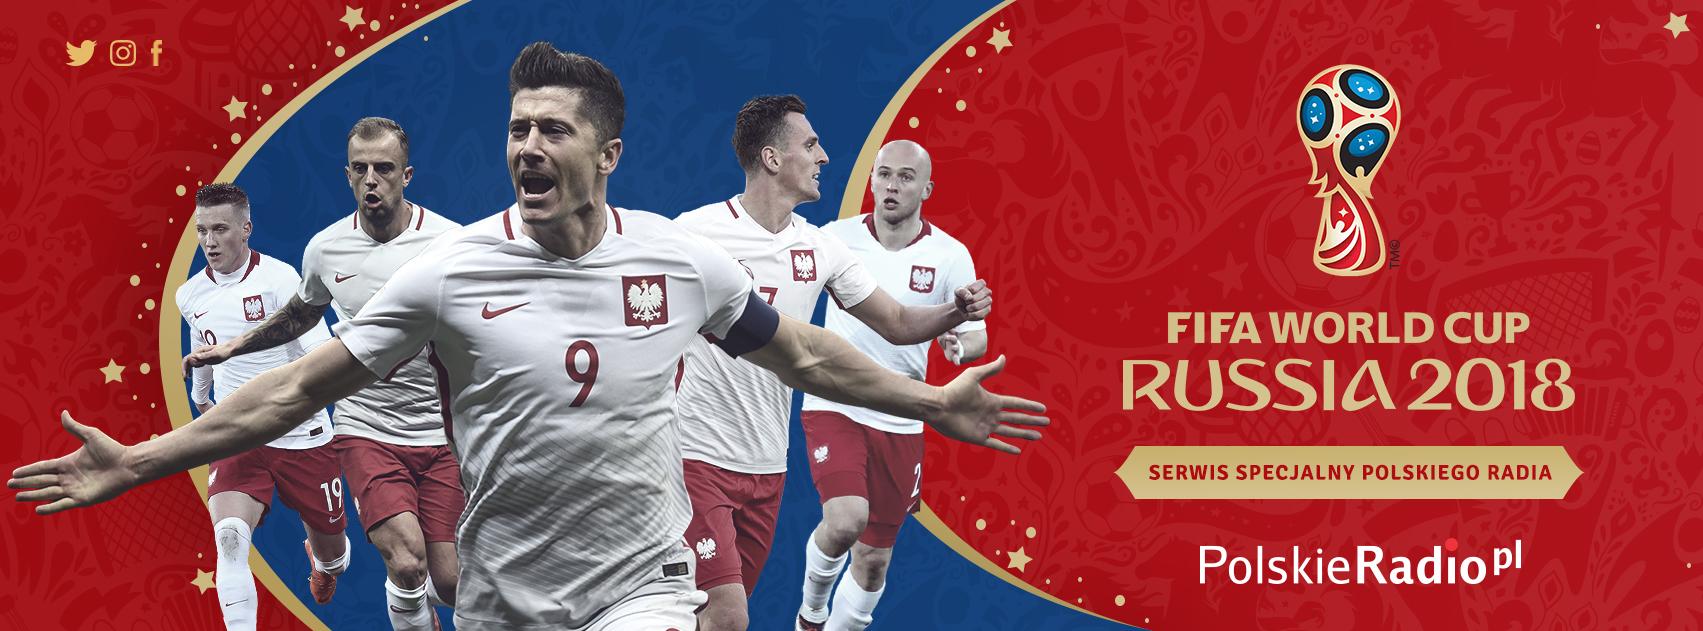 f3d4606d5 Rosja 2018: wielkie widowisko w Soczi. Hat-trick Ronaldo zapewnił  Portugalii remis [2. DZIEŃ MUNDIALU NA ŻYWO]